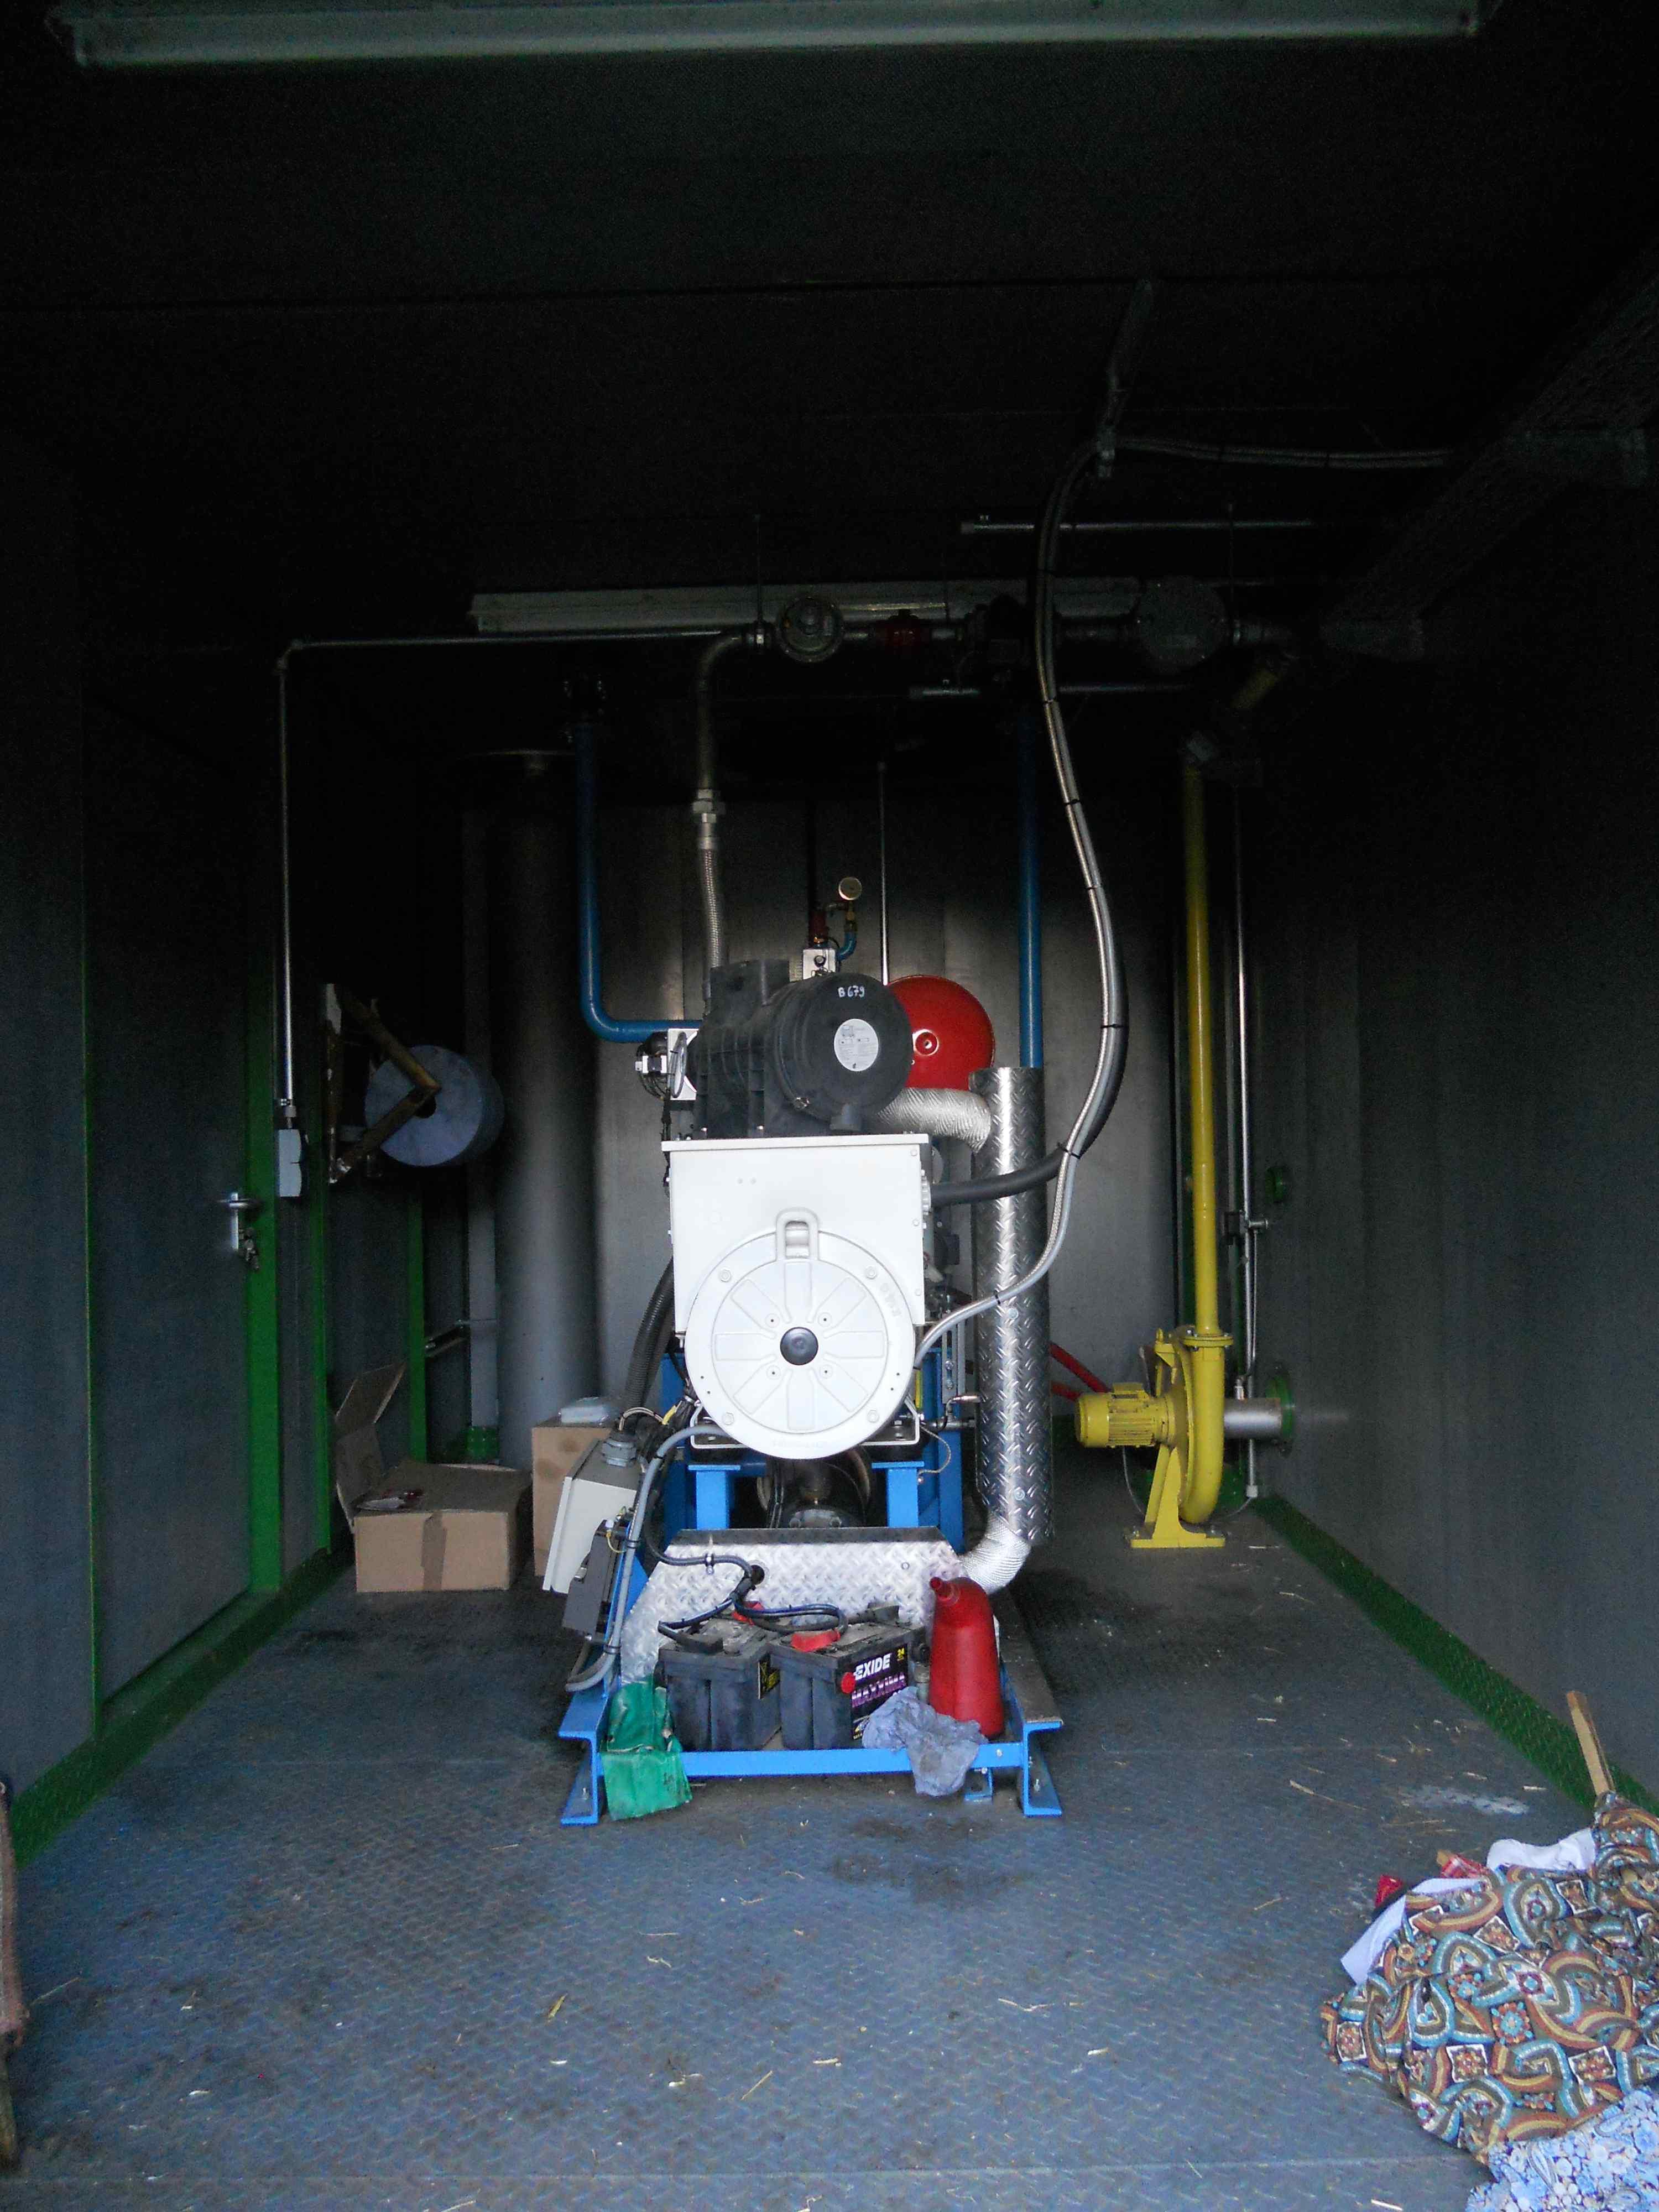 saját generátor, az év nagy részében többet termelnek áramból és gázból mint amit használnak